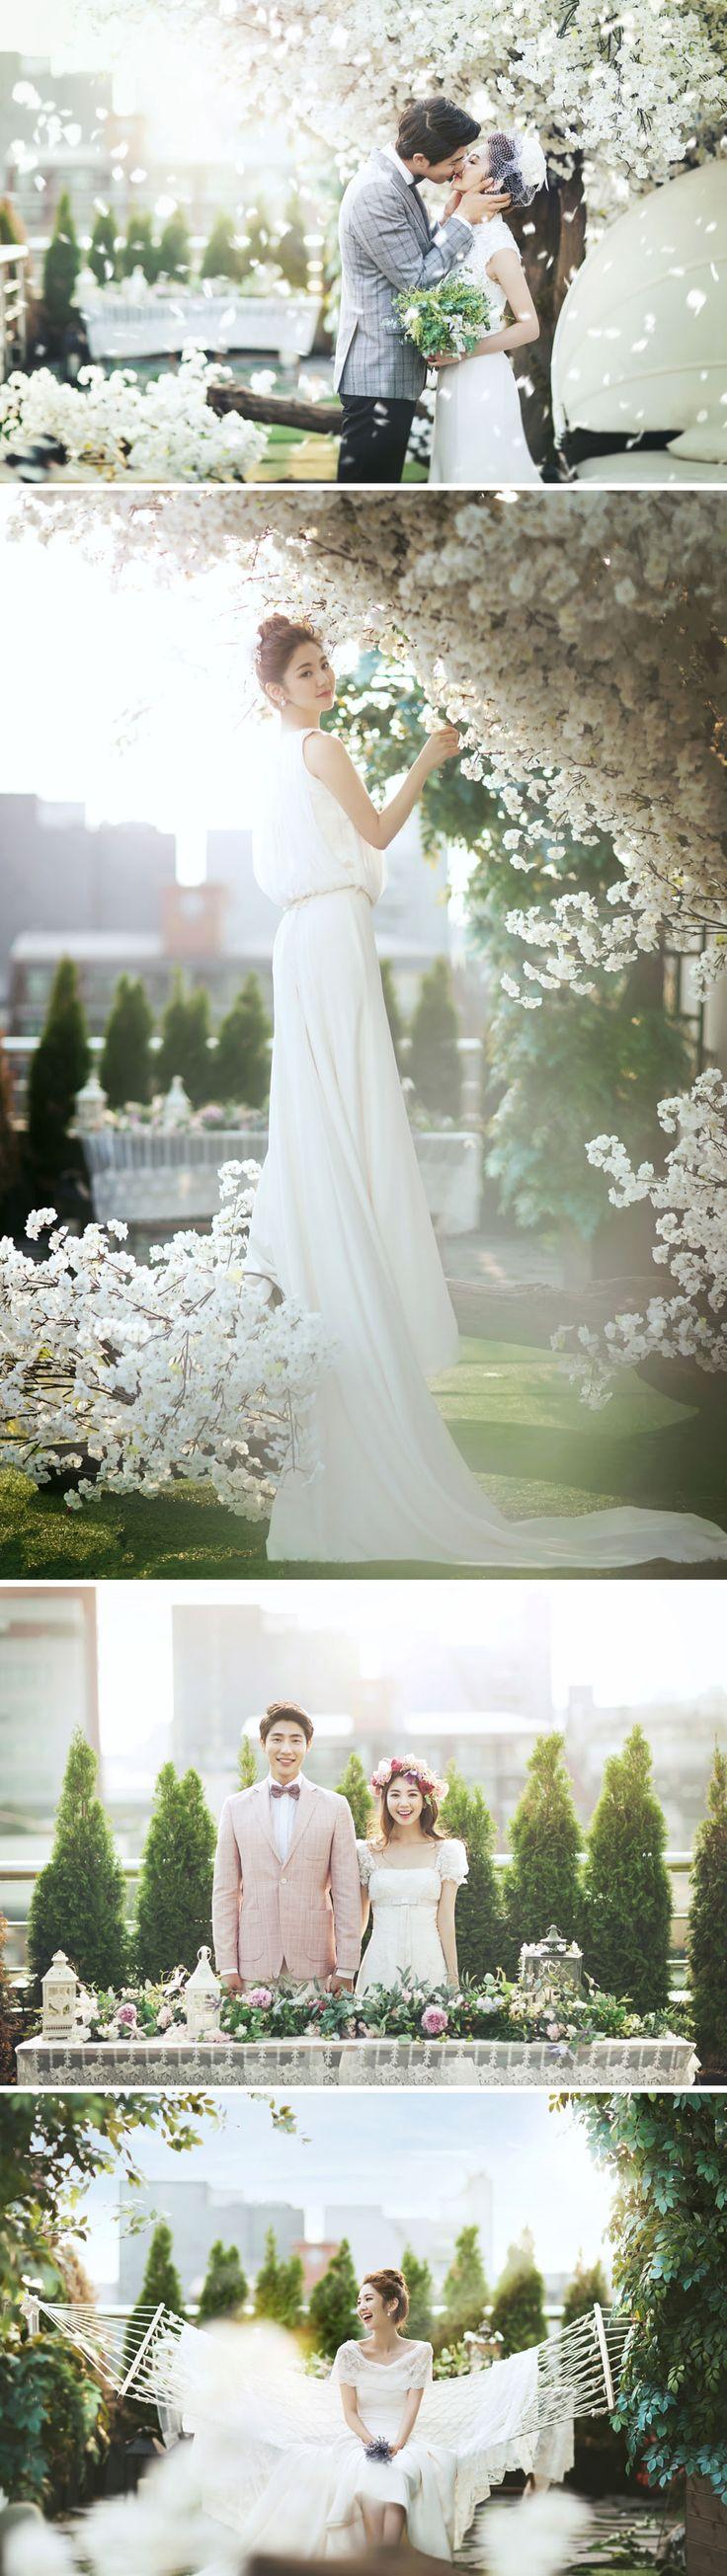 Korea Wedding Photography May Studio 42